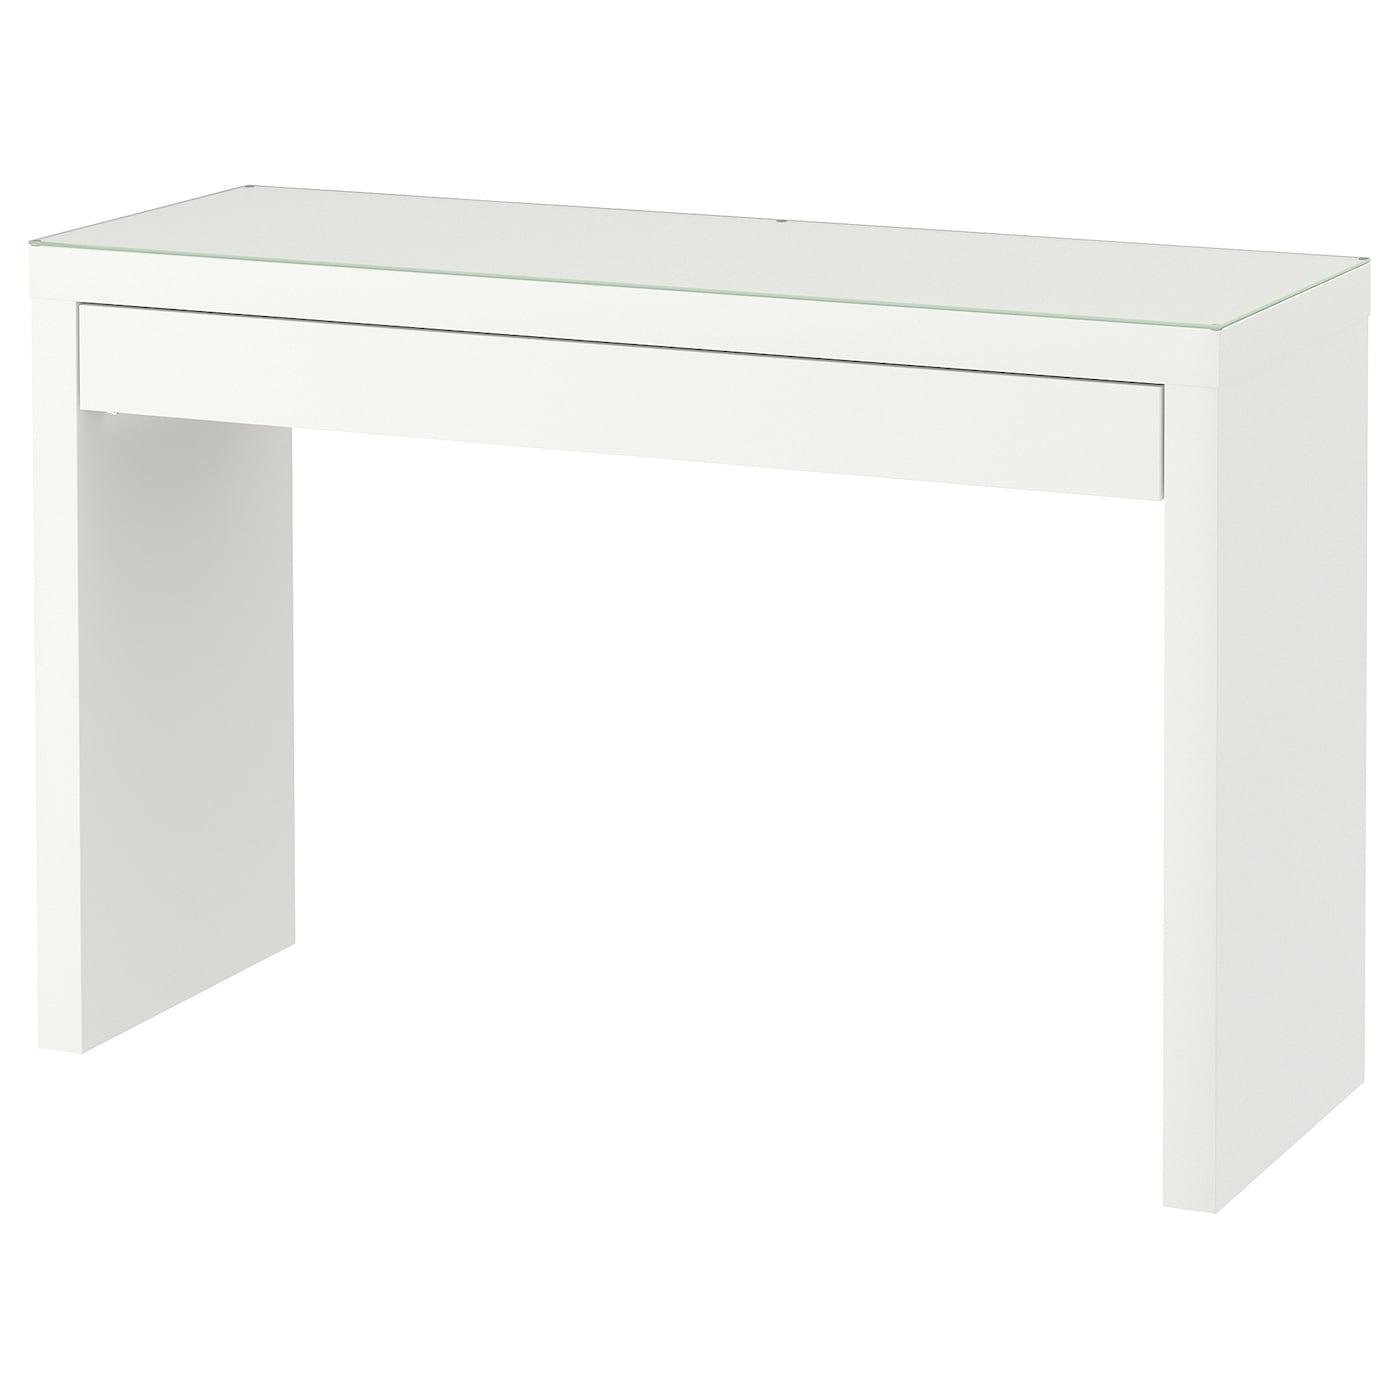 MALM マルム ドレッシングテーブル